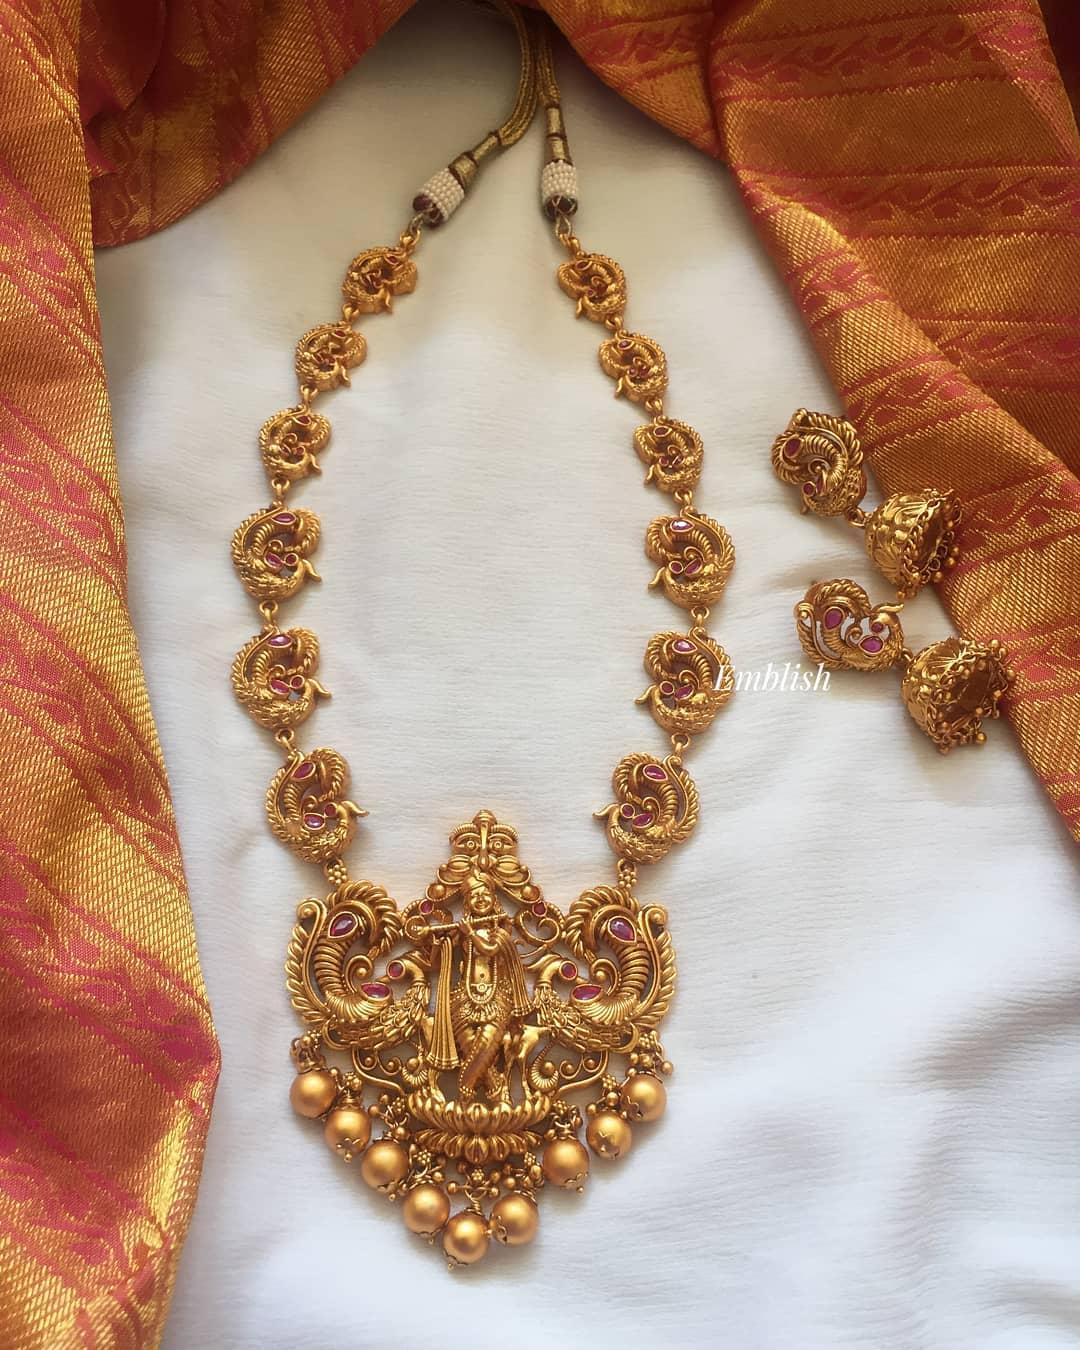 Krishna Peacock Neckpiece From Emblish Coimbatore